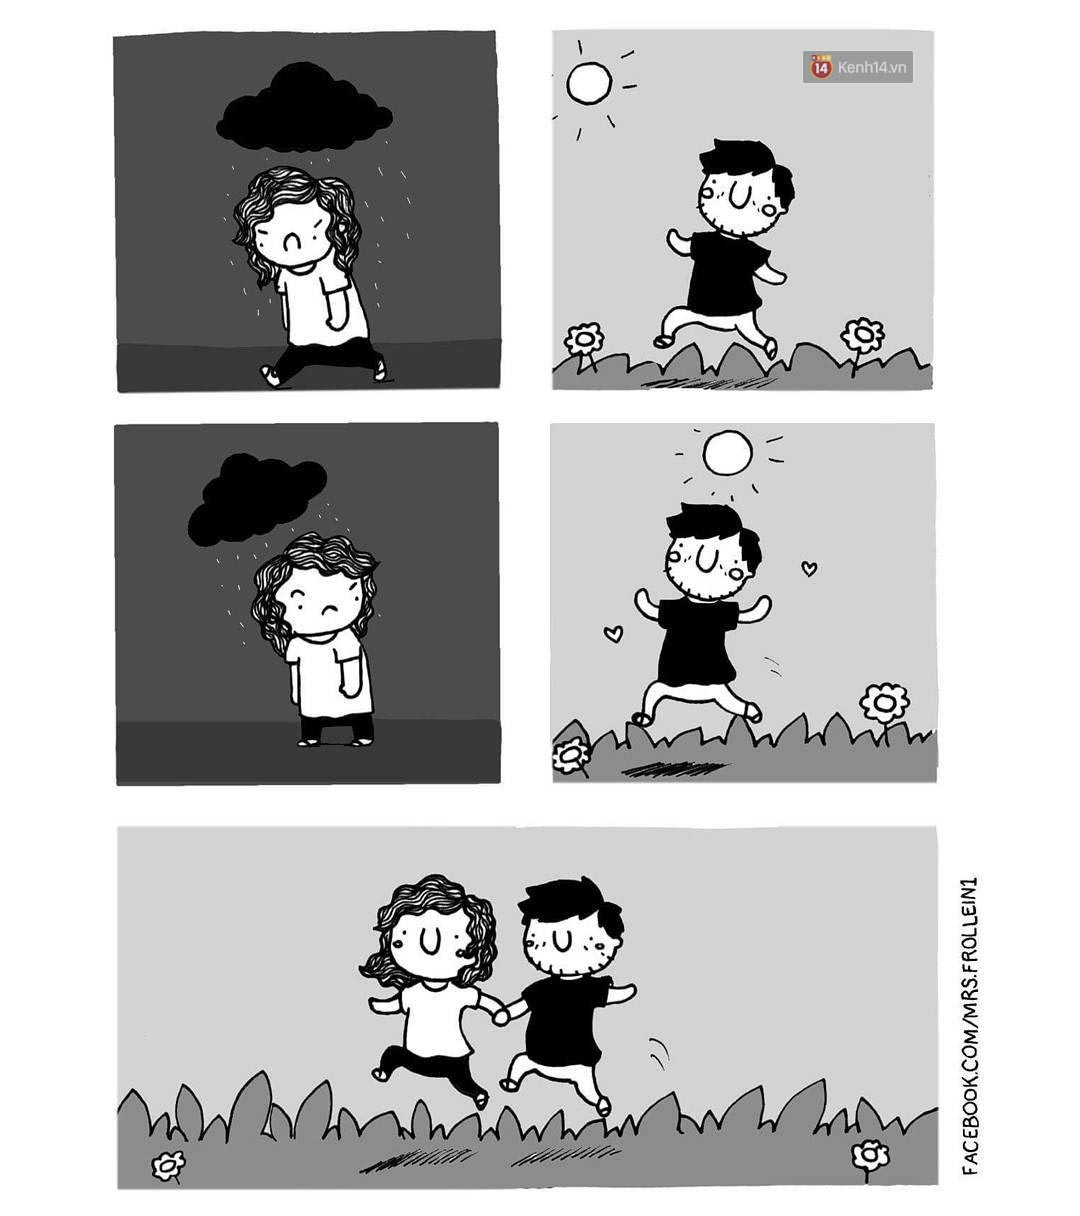 Bộ tranh: Đã yêu nhau thì bất cứ ngày nào cũng là Valentine